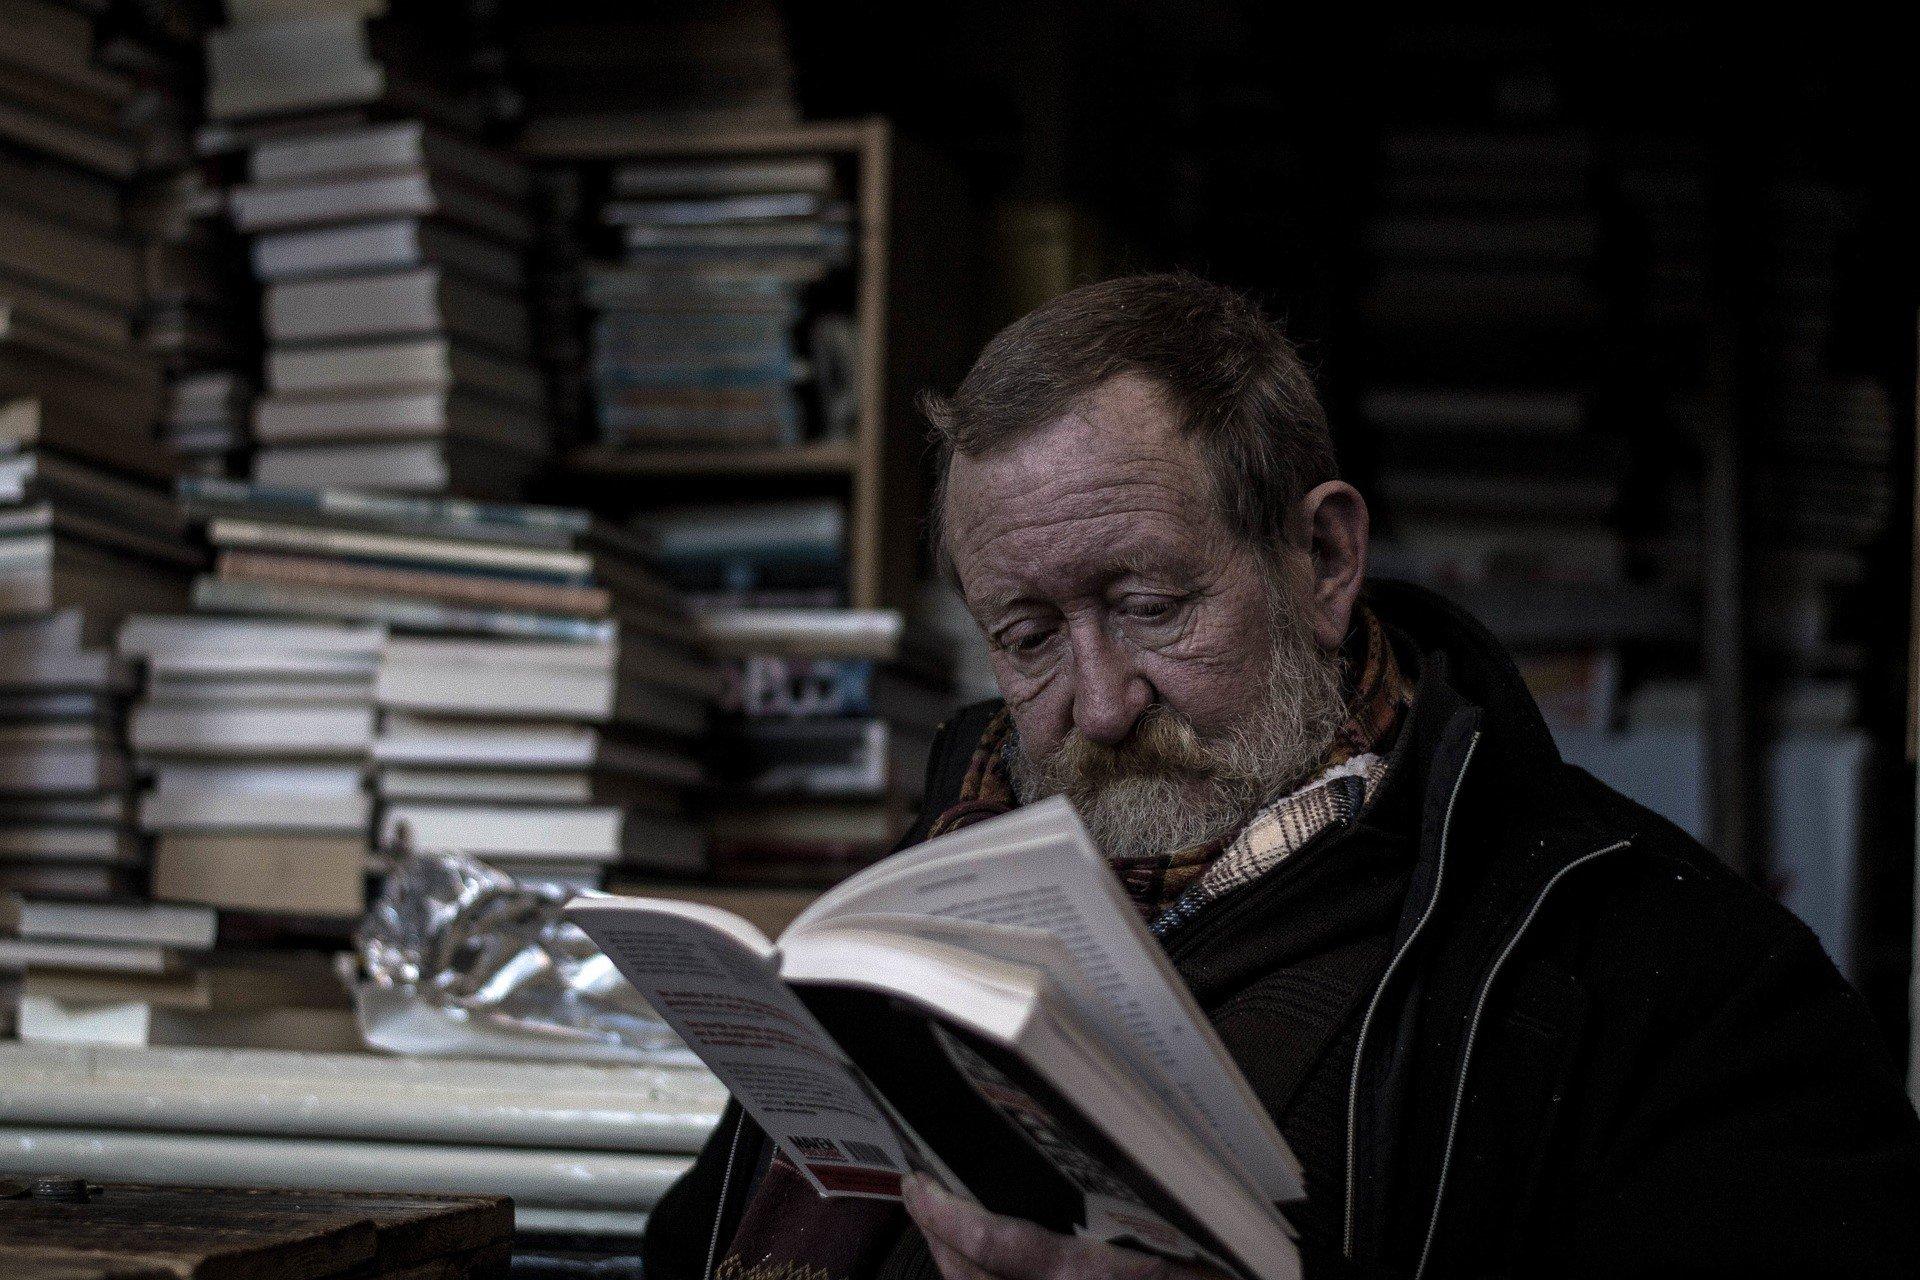 en man som läser en bok